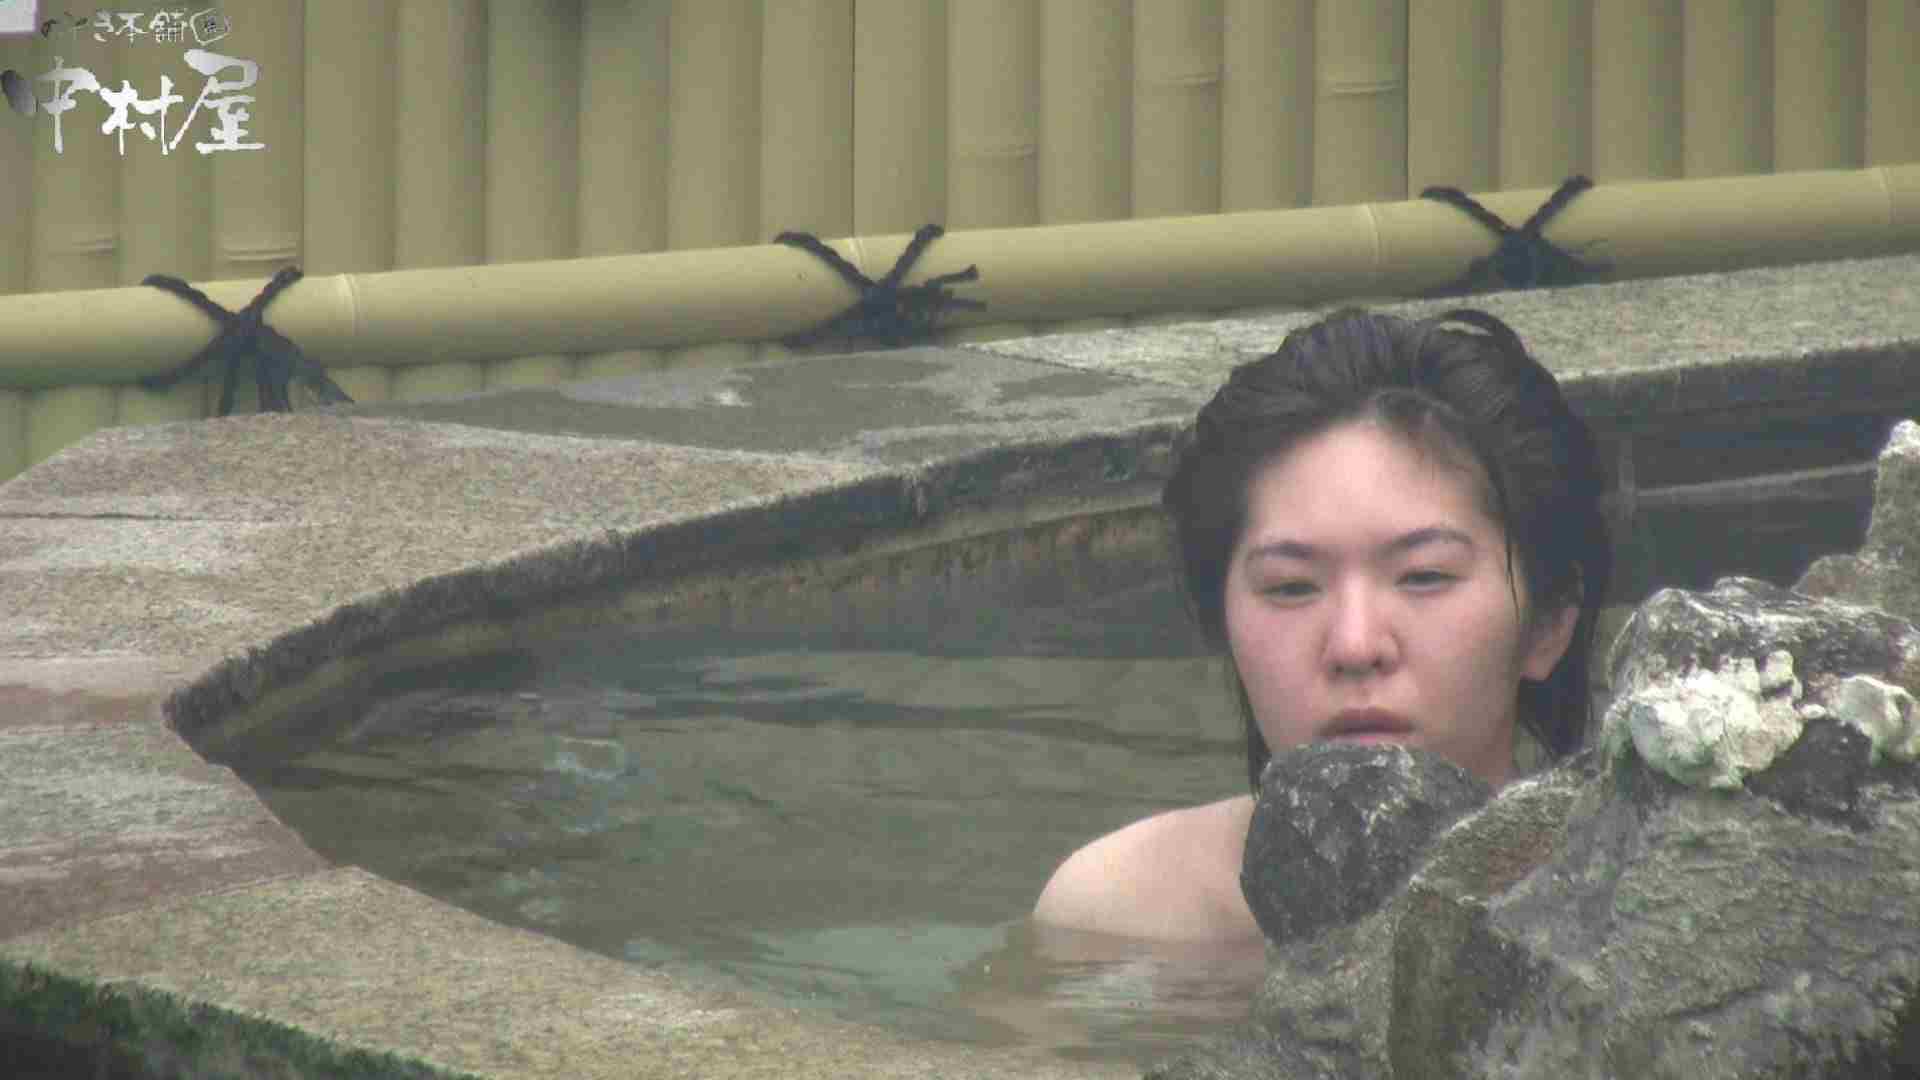 Aquaな露天風呂Vol.907 OL女体 | 女体盗撮  95連発 31